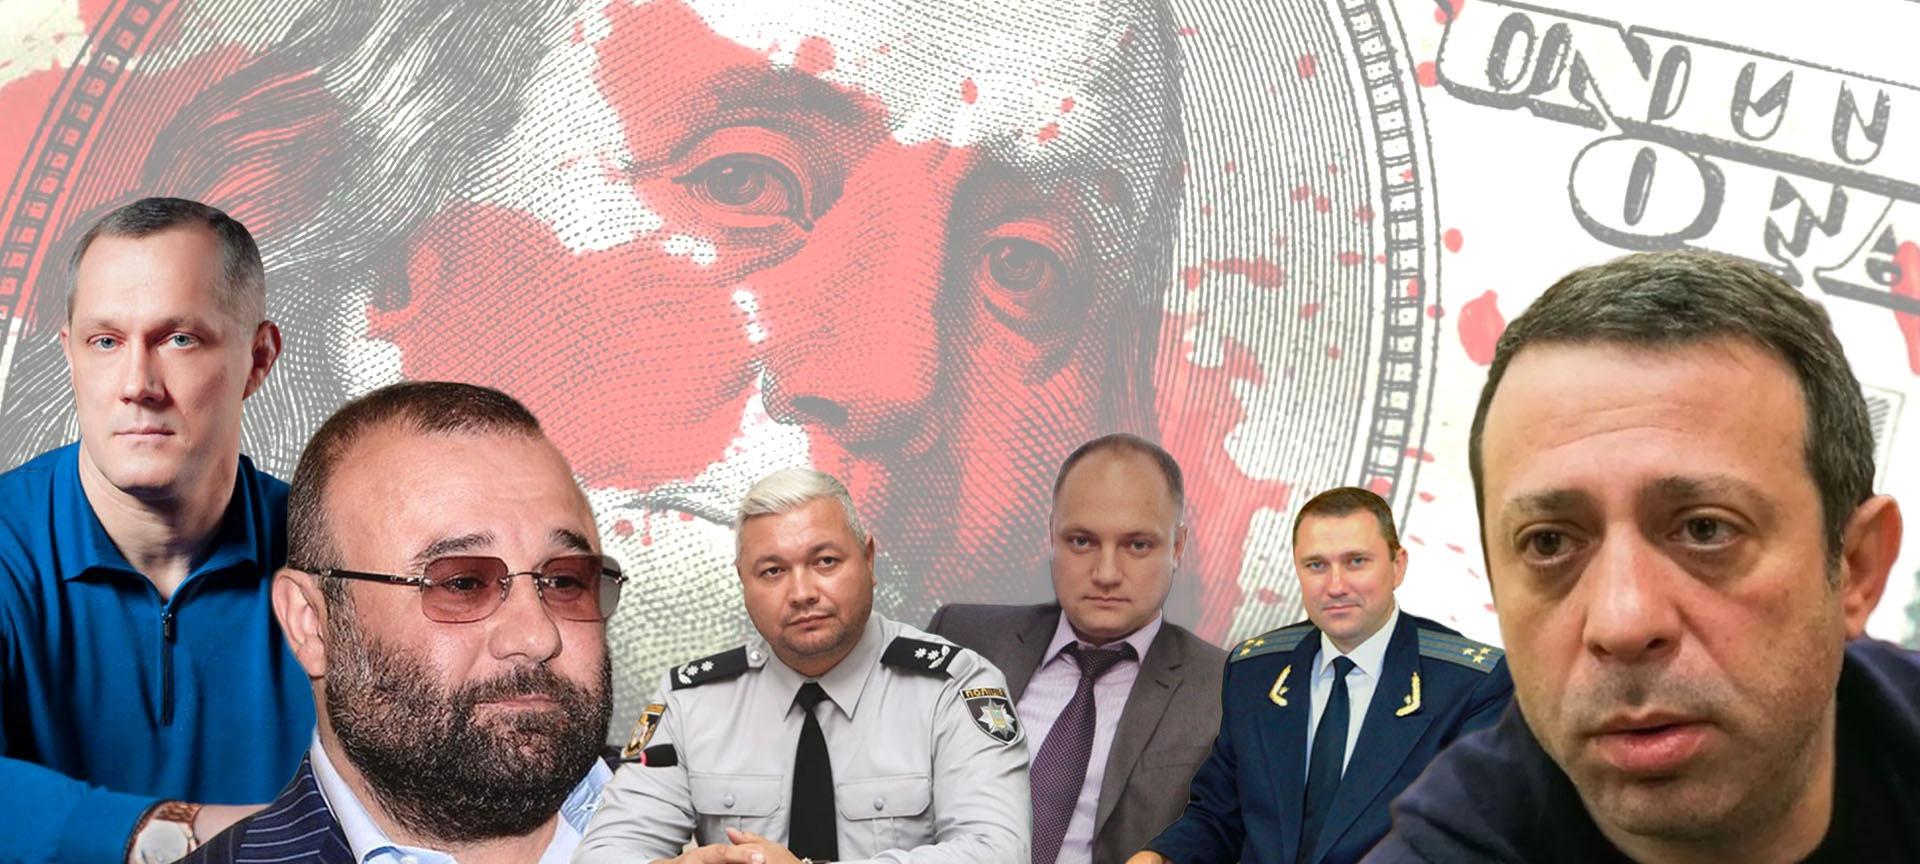 Стрілянина в Харкові: одна людина загинула, ще одну поранено - Цензор.НЕТ 3980